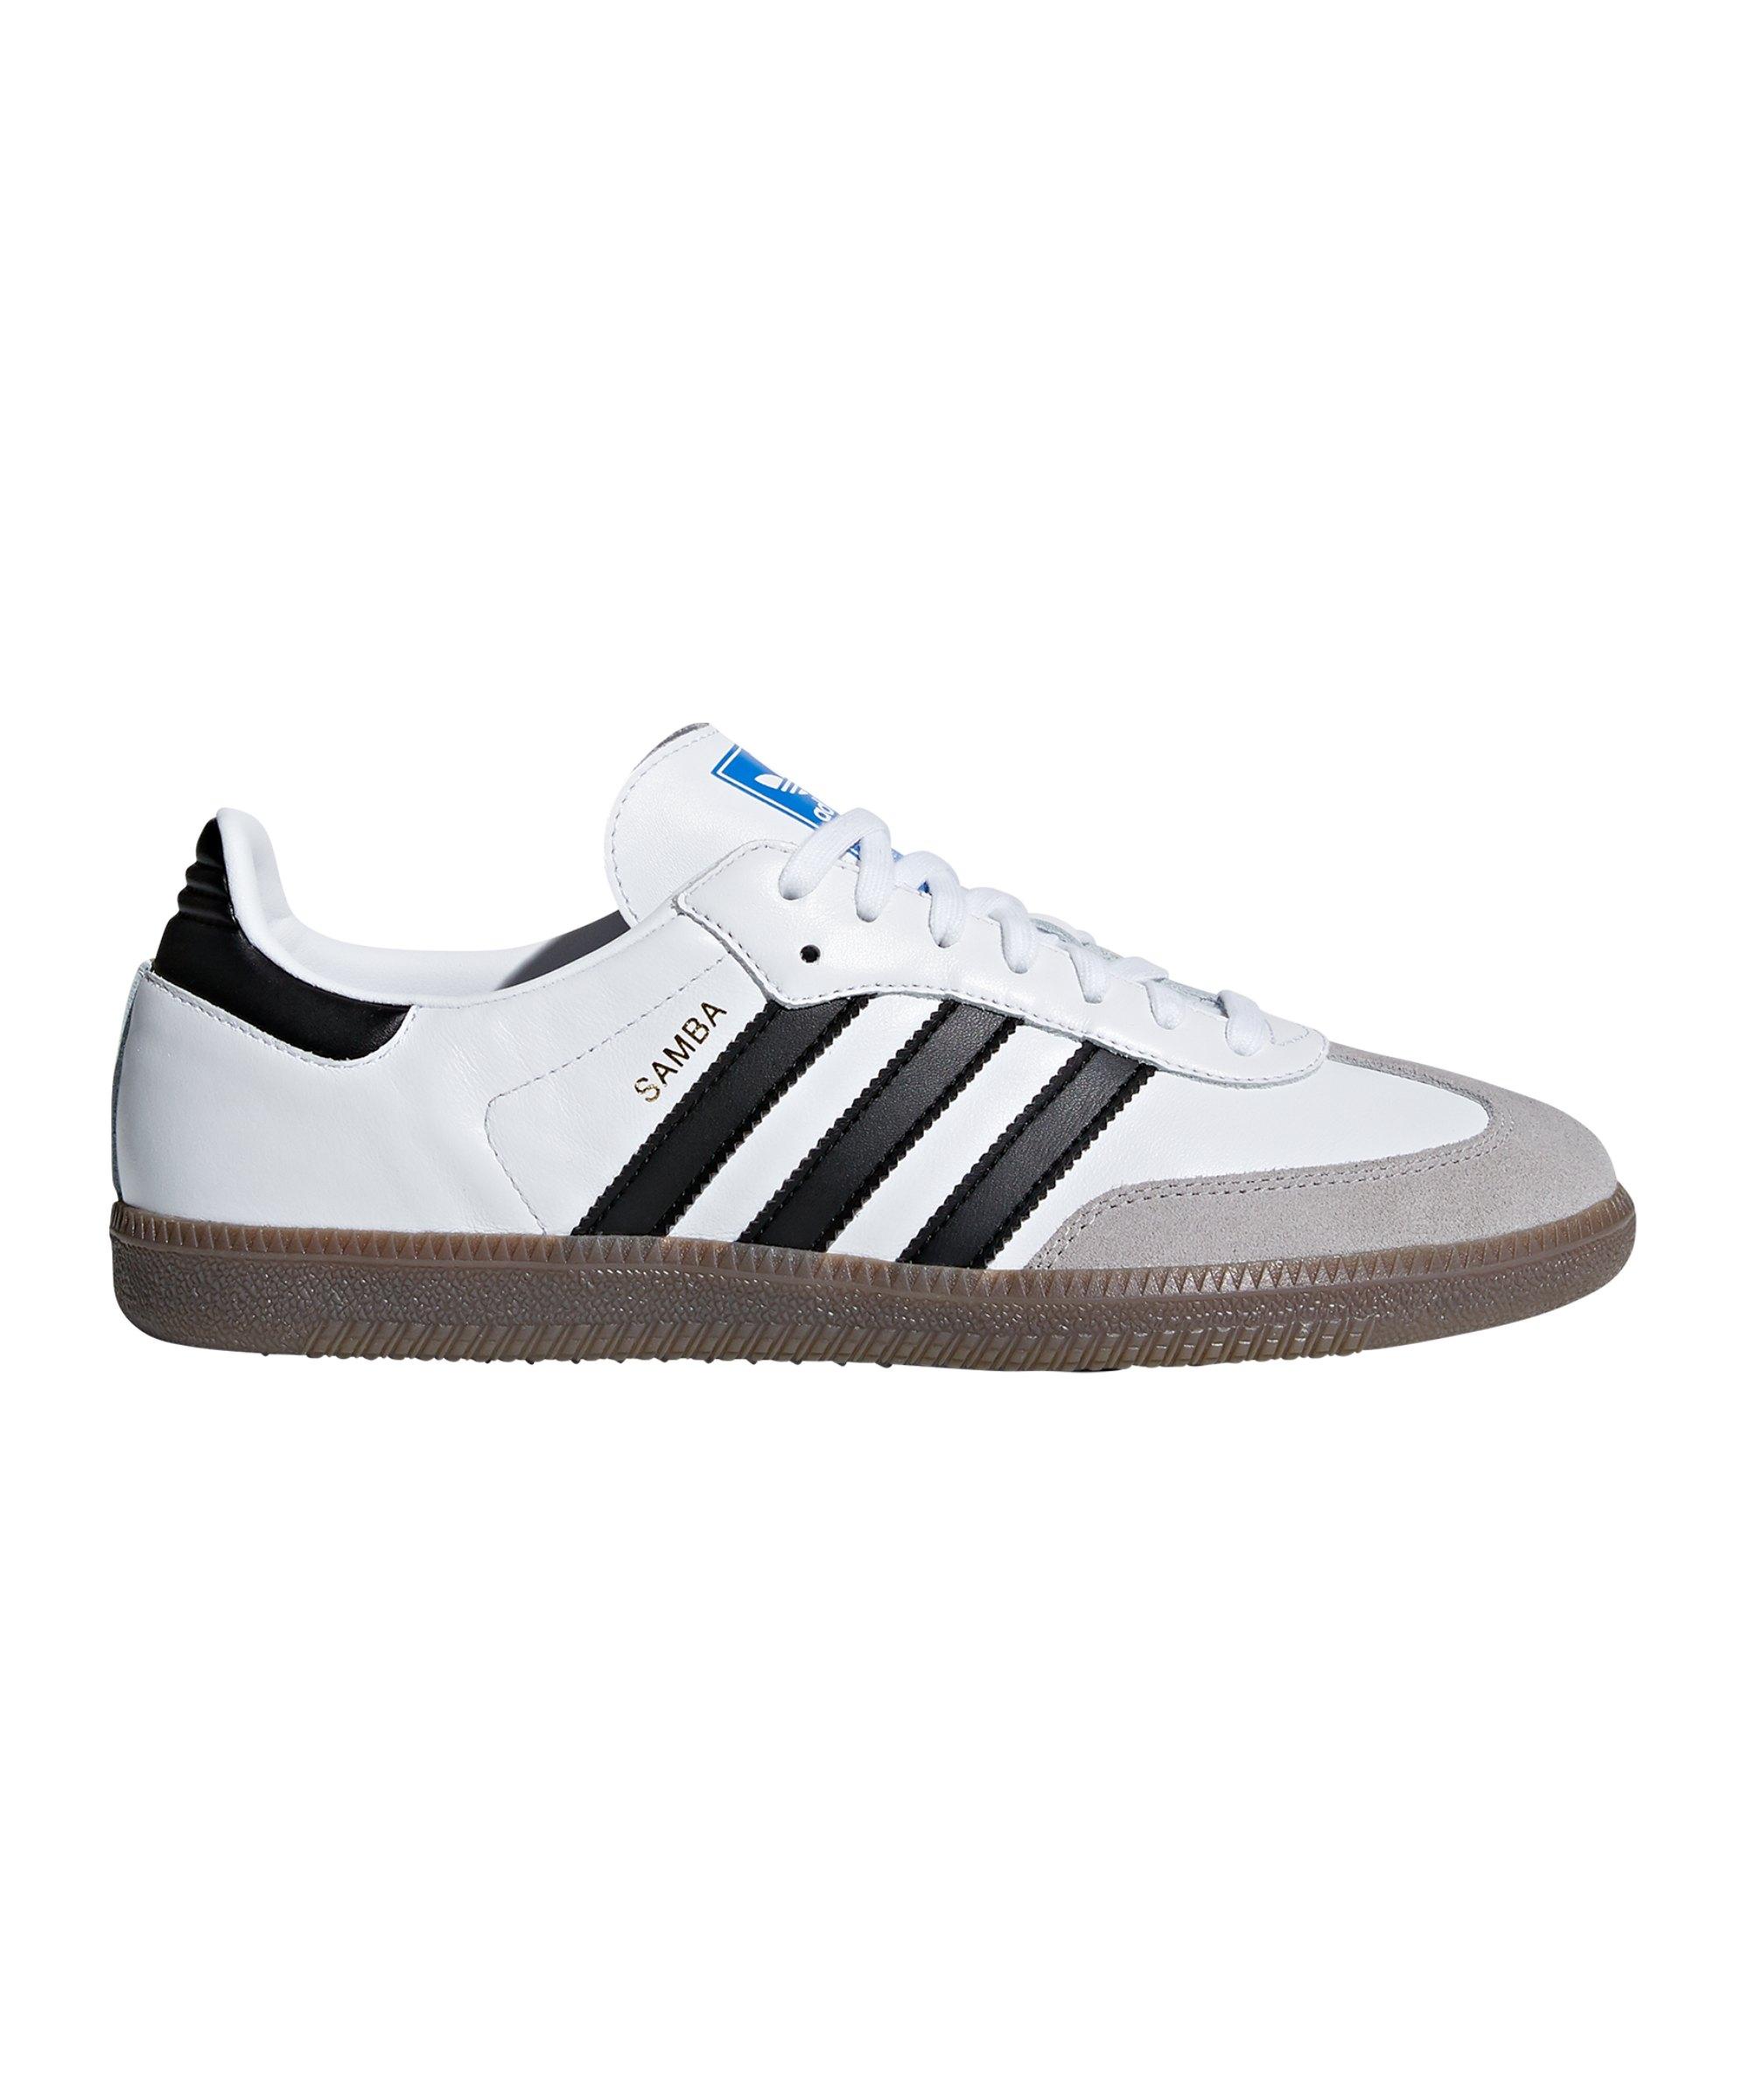 weiß weiß schuhe adidas adidas schwarz schuhe schwarz fb76gyvY